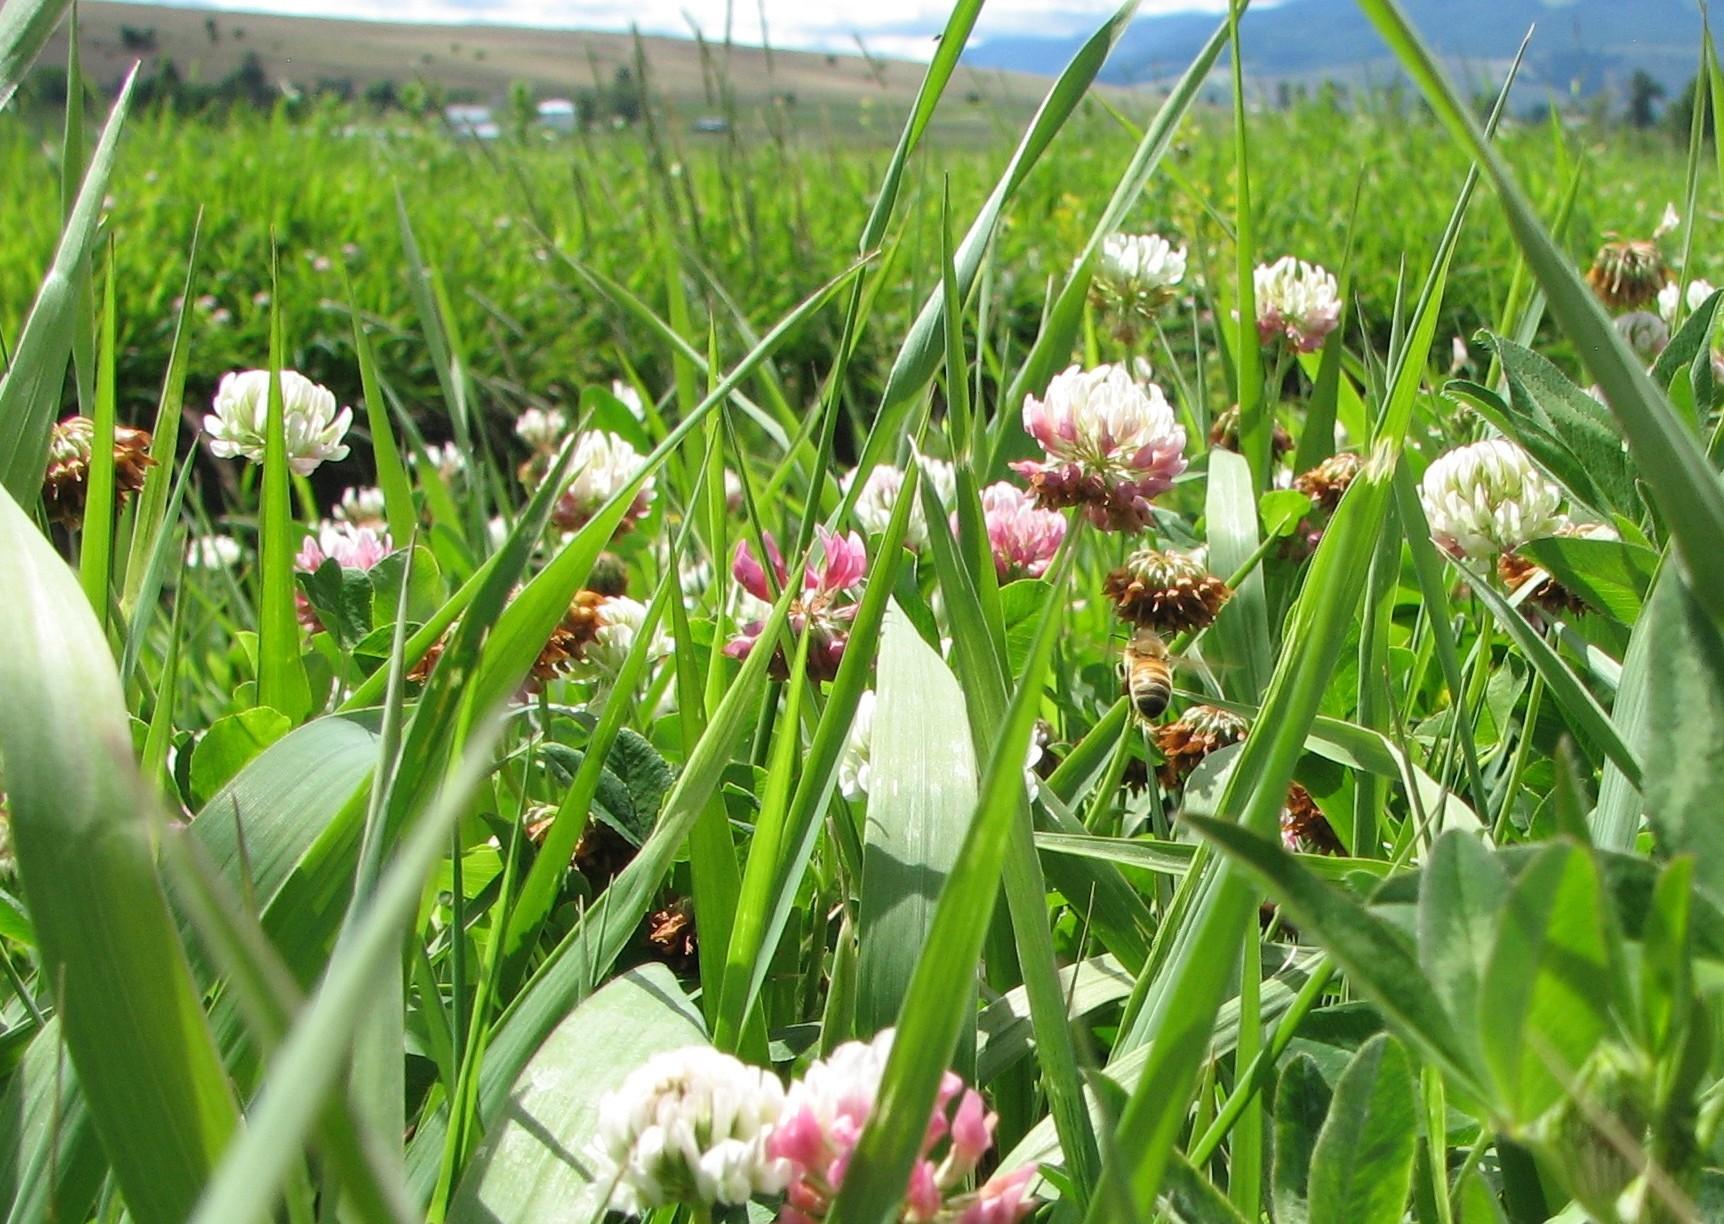 IMG_0095 2M GRASS CLOVER